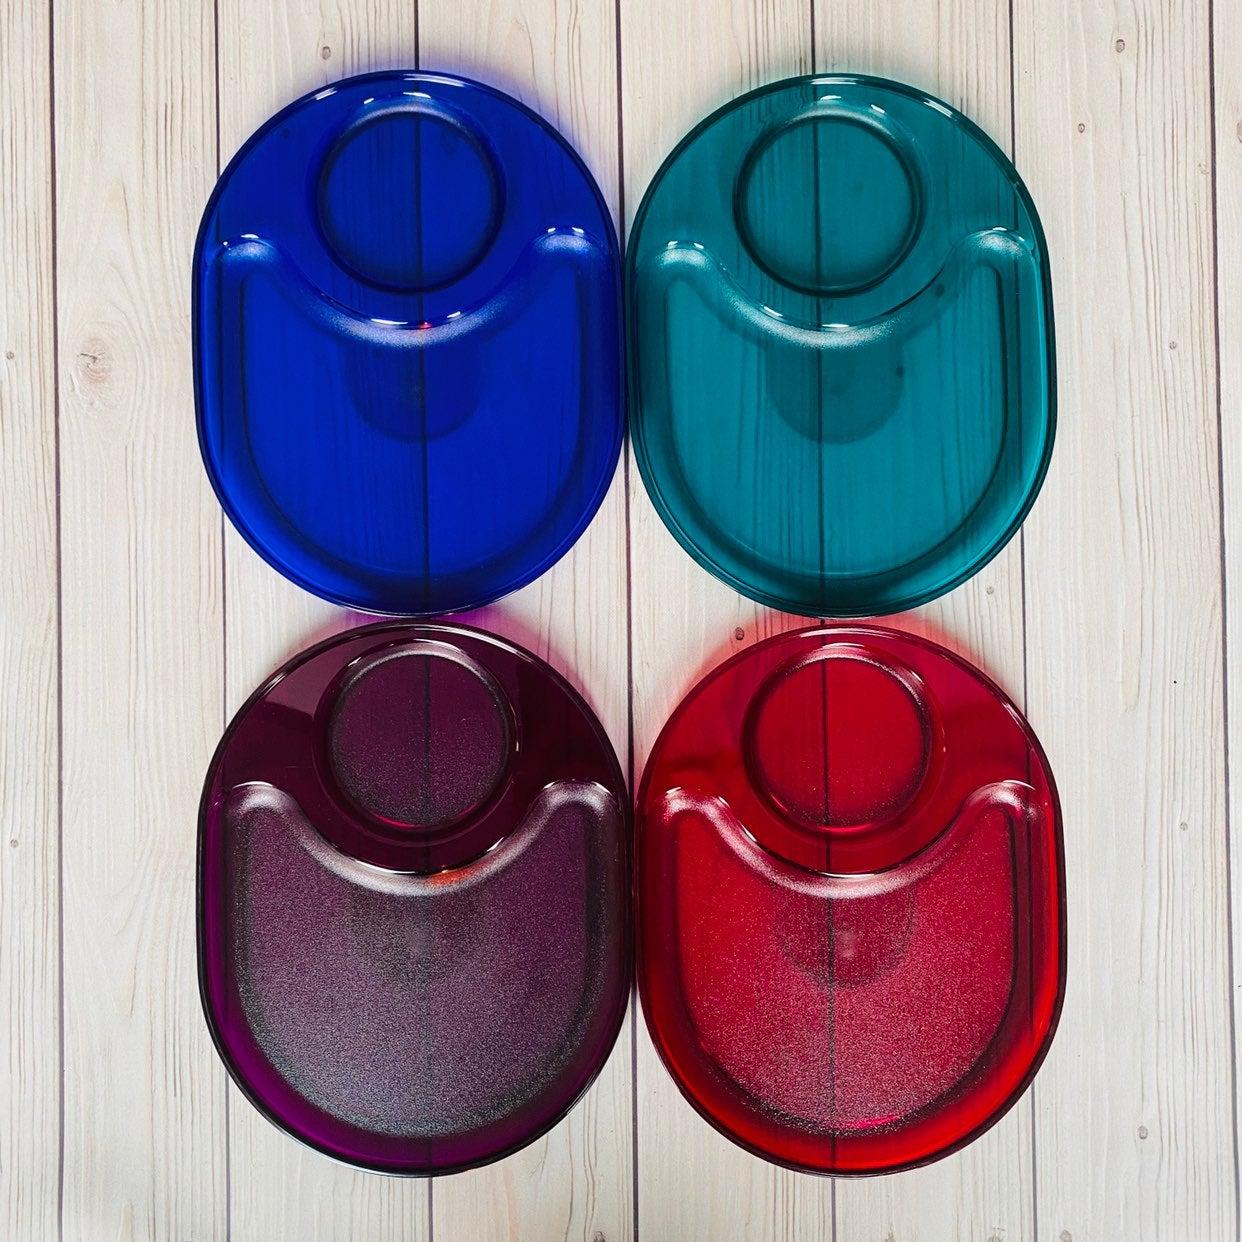 Vintage Tupperware Snackatizer Set of 12